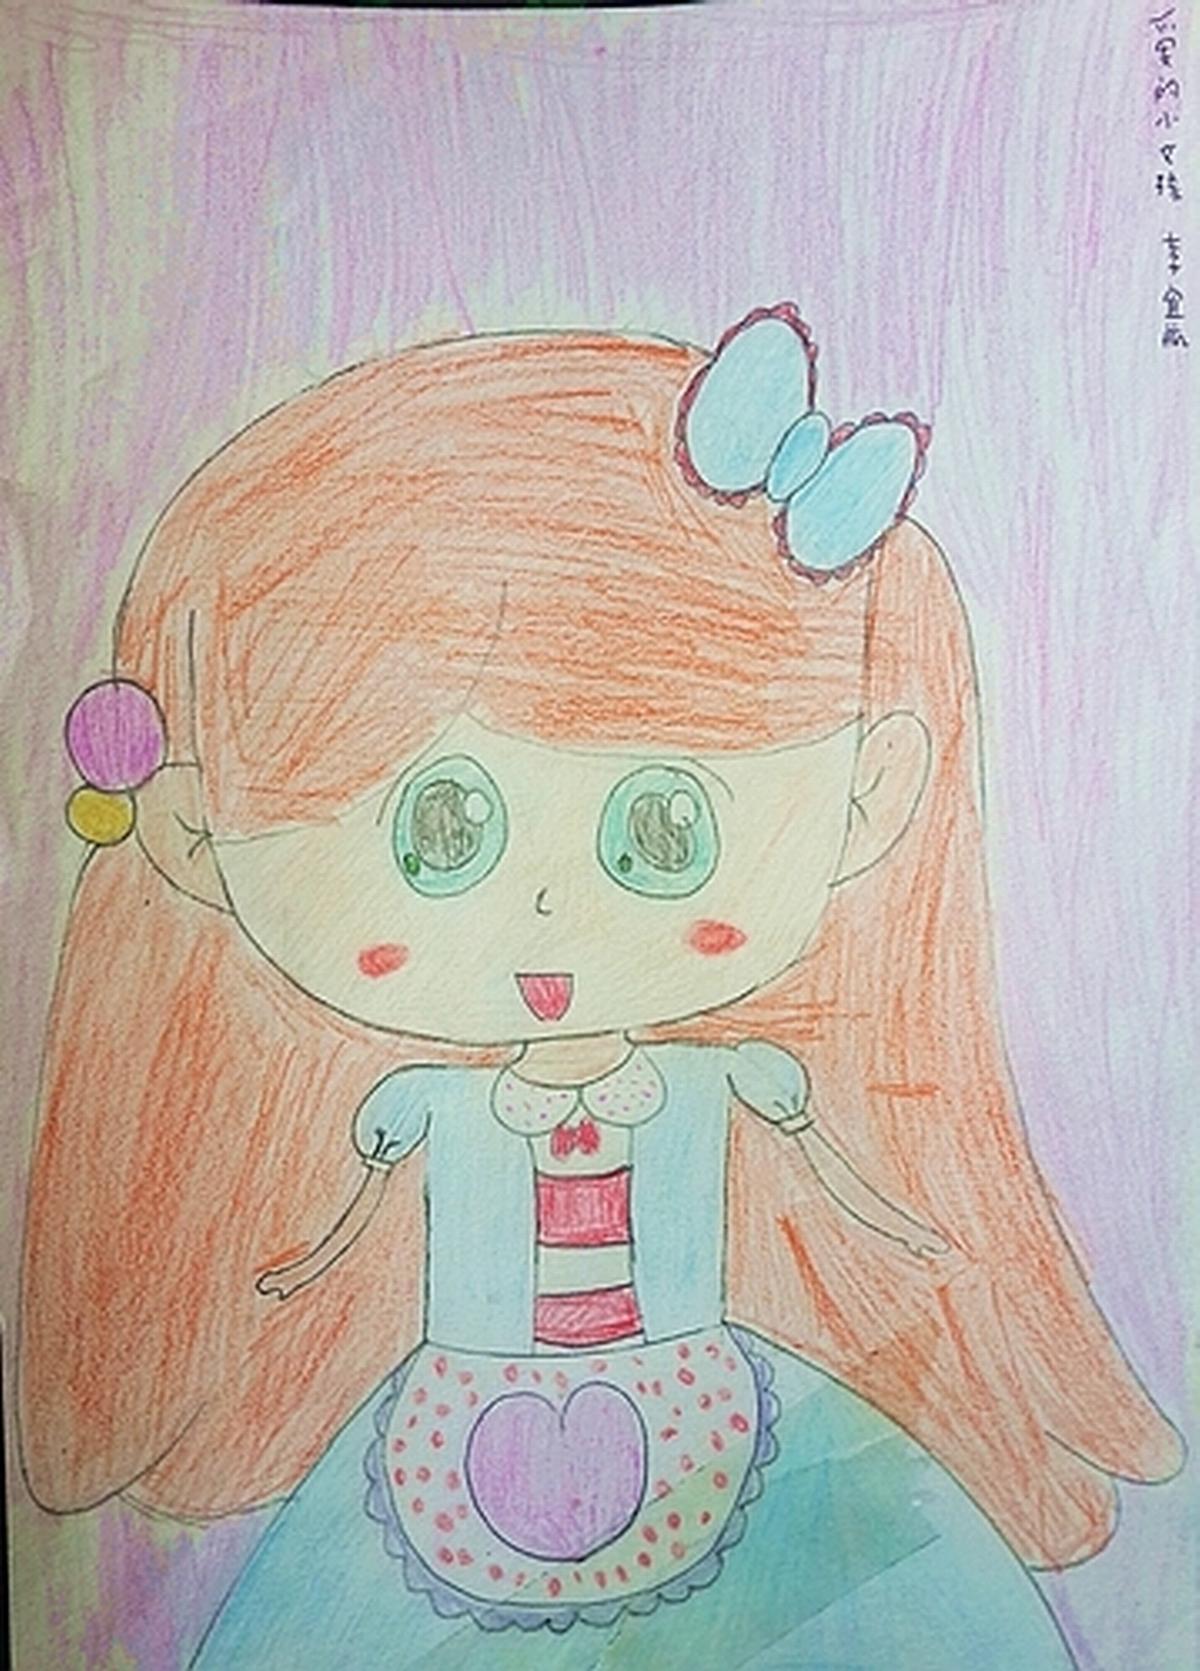 可爱的小女孩||中国少儿艺术网—2015少儿书画大赛